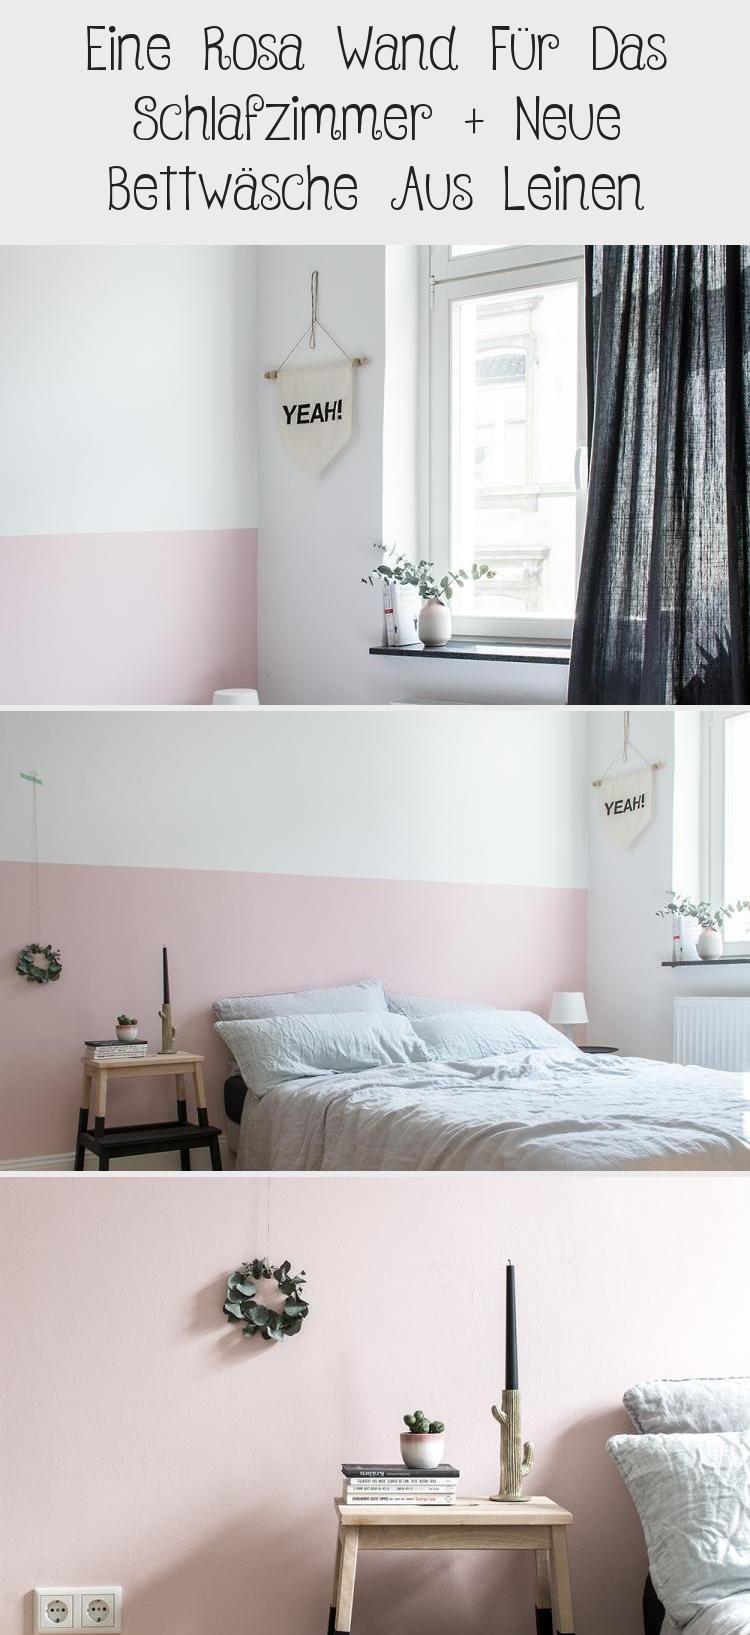 Halbhoch Rosa Die Wand Im Schlafzimmer Www Kol In 2020 Rosa Wande Schlafzimmer Zimmer